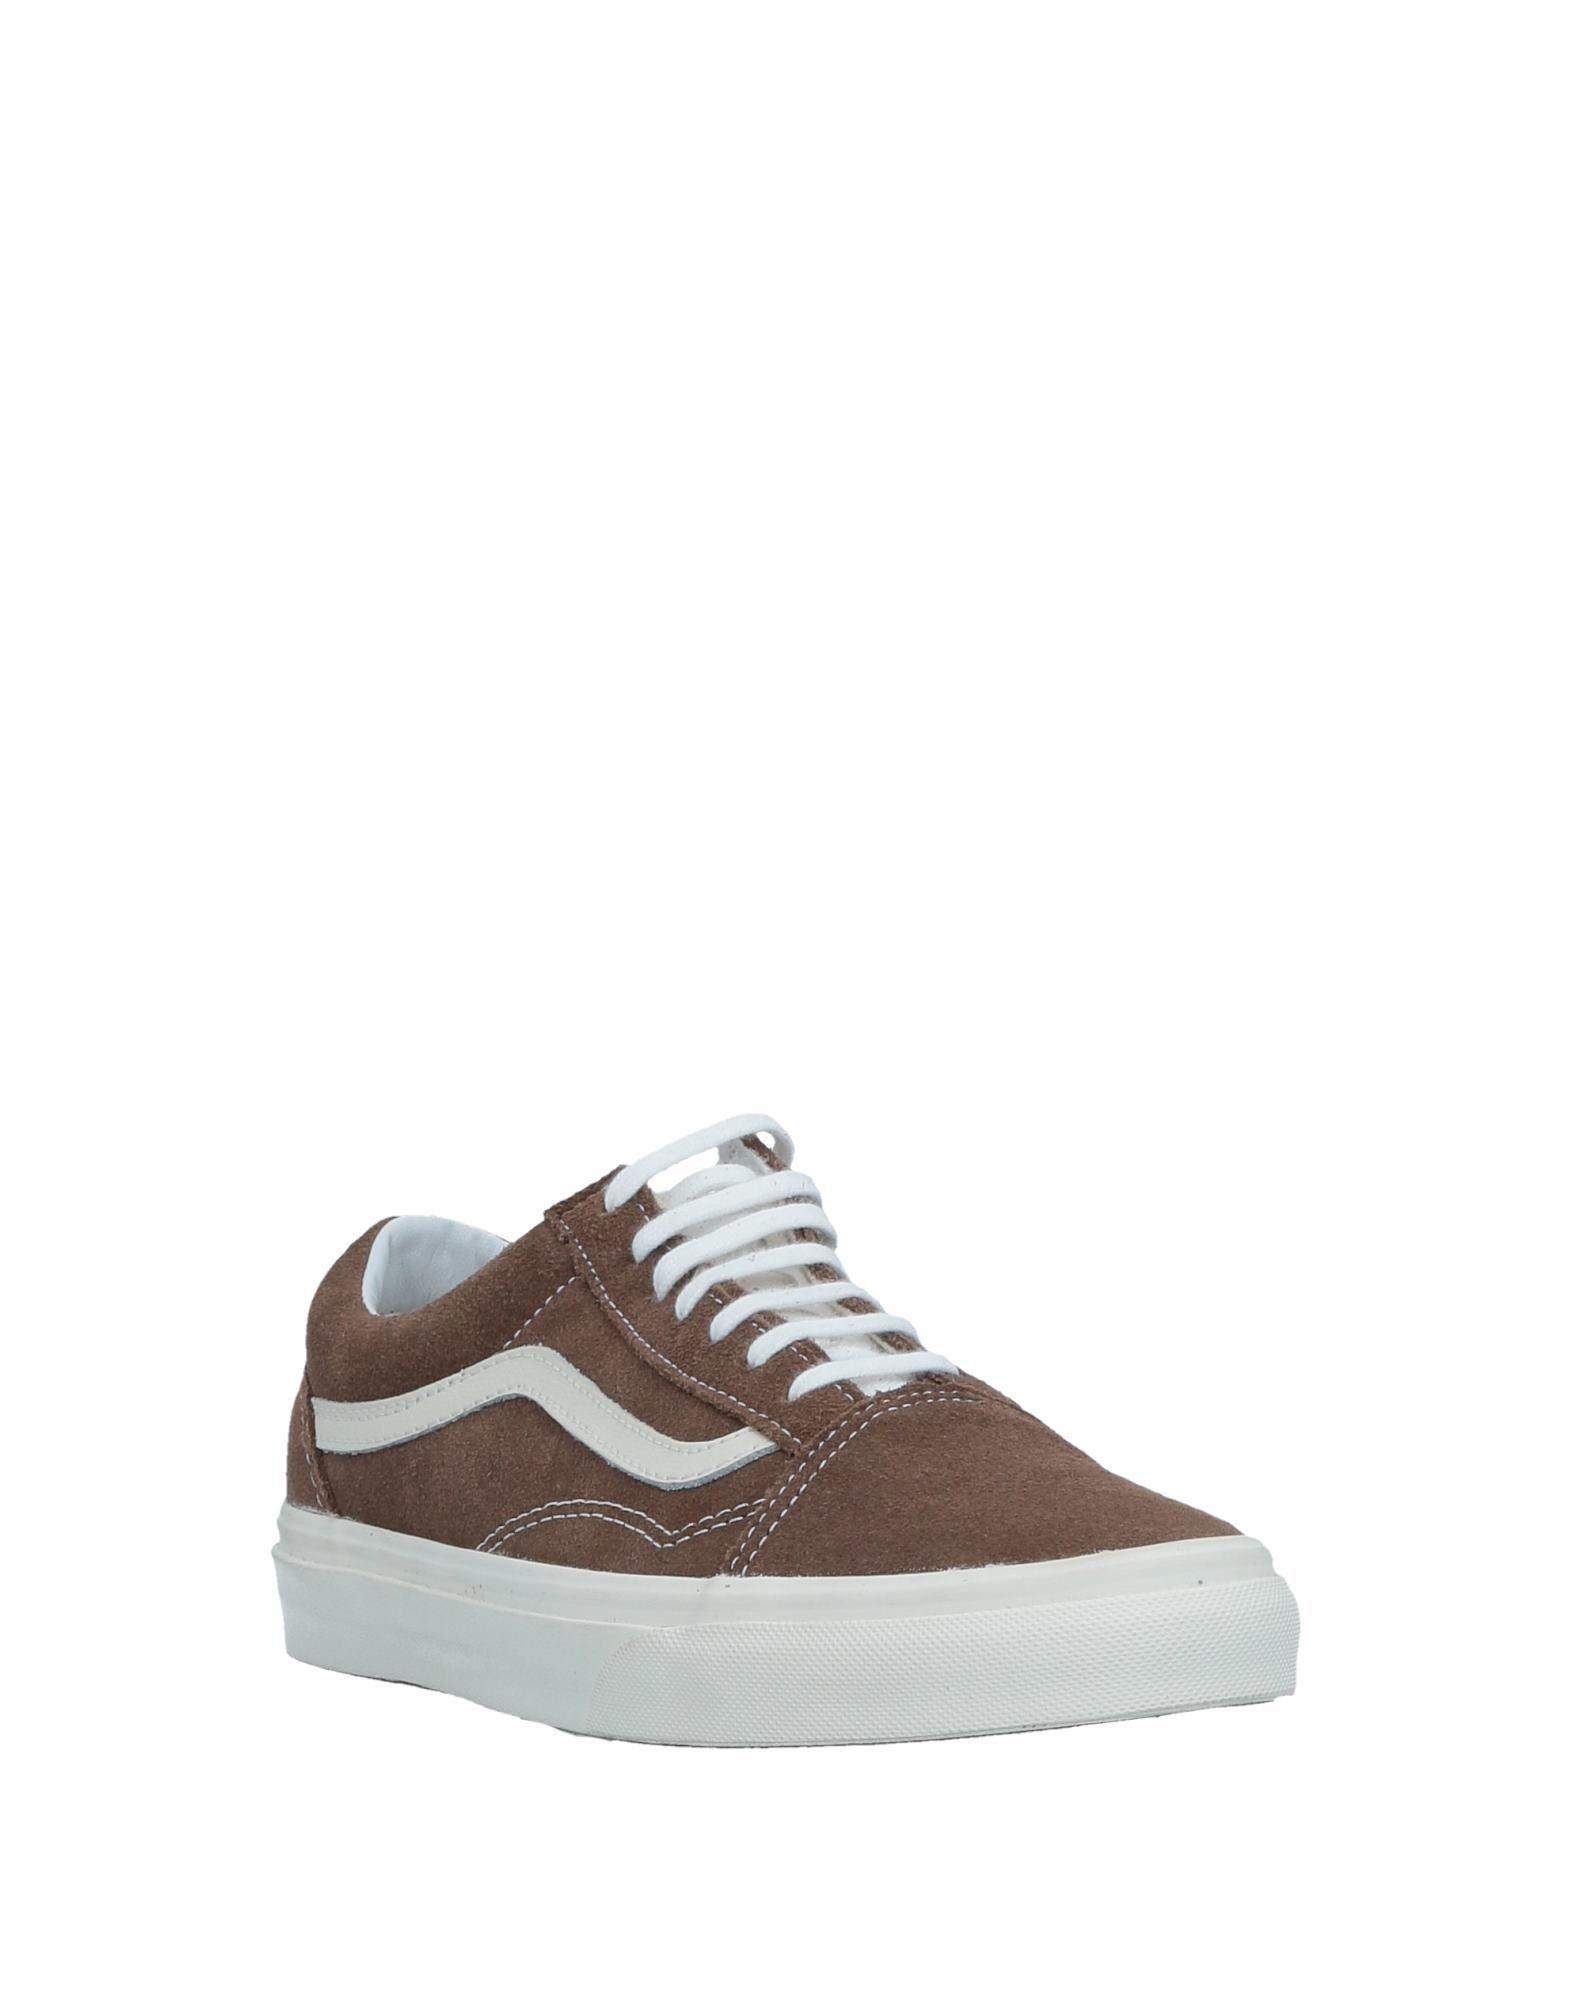 Herren Vans Sneakers Herren   11522775PF Heiße Schuhe cc14a0